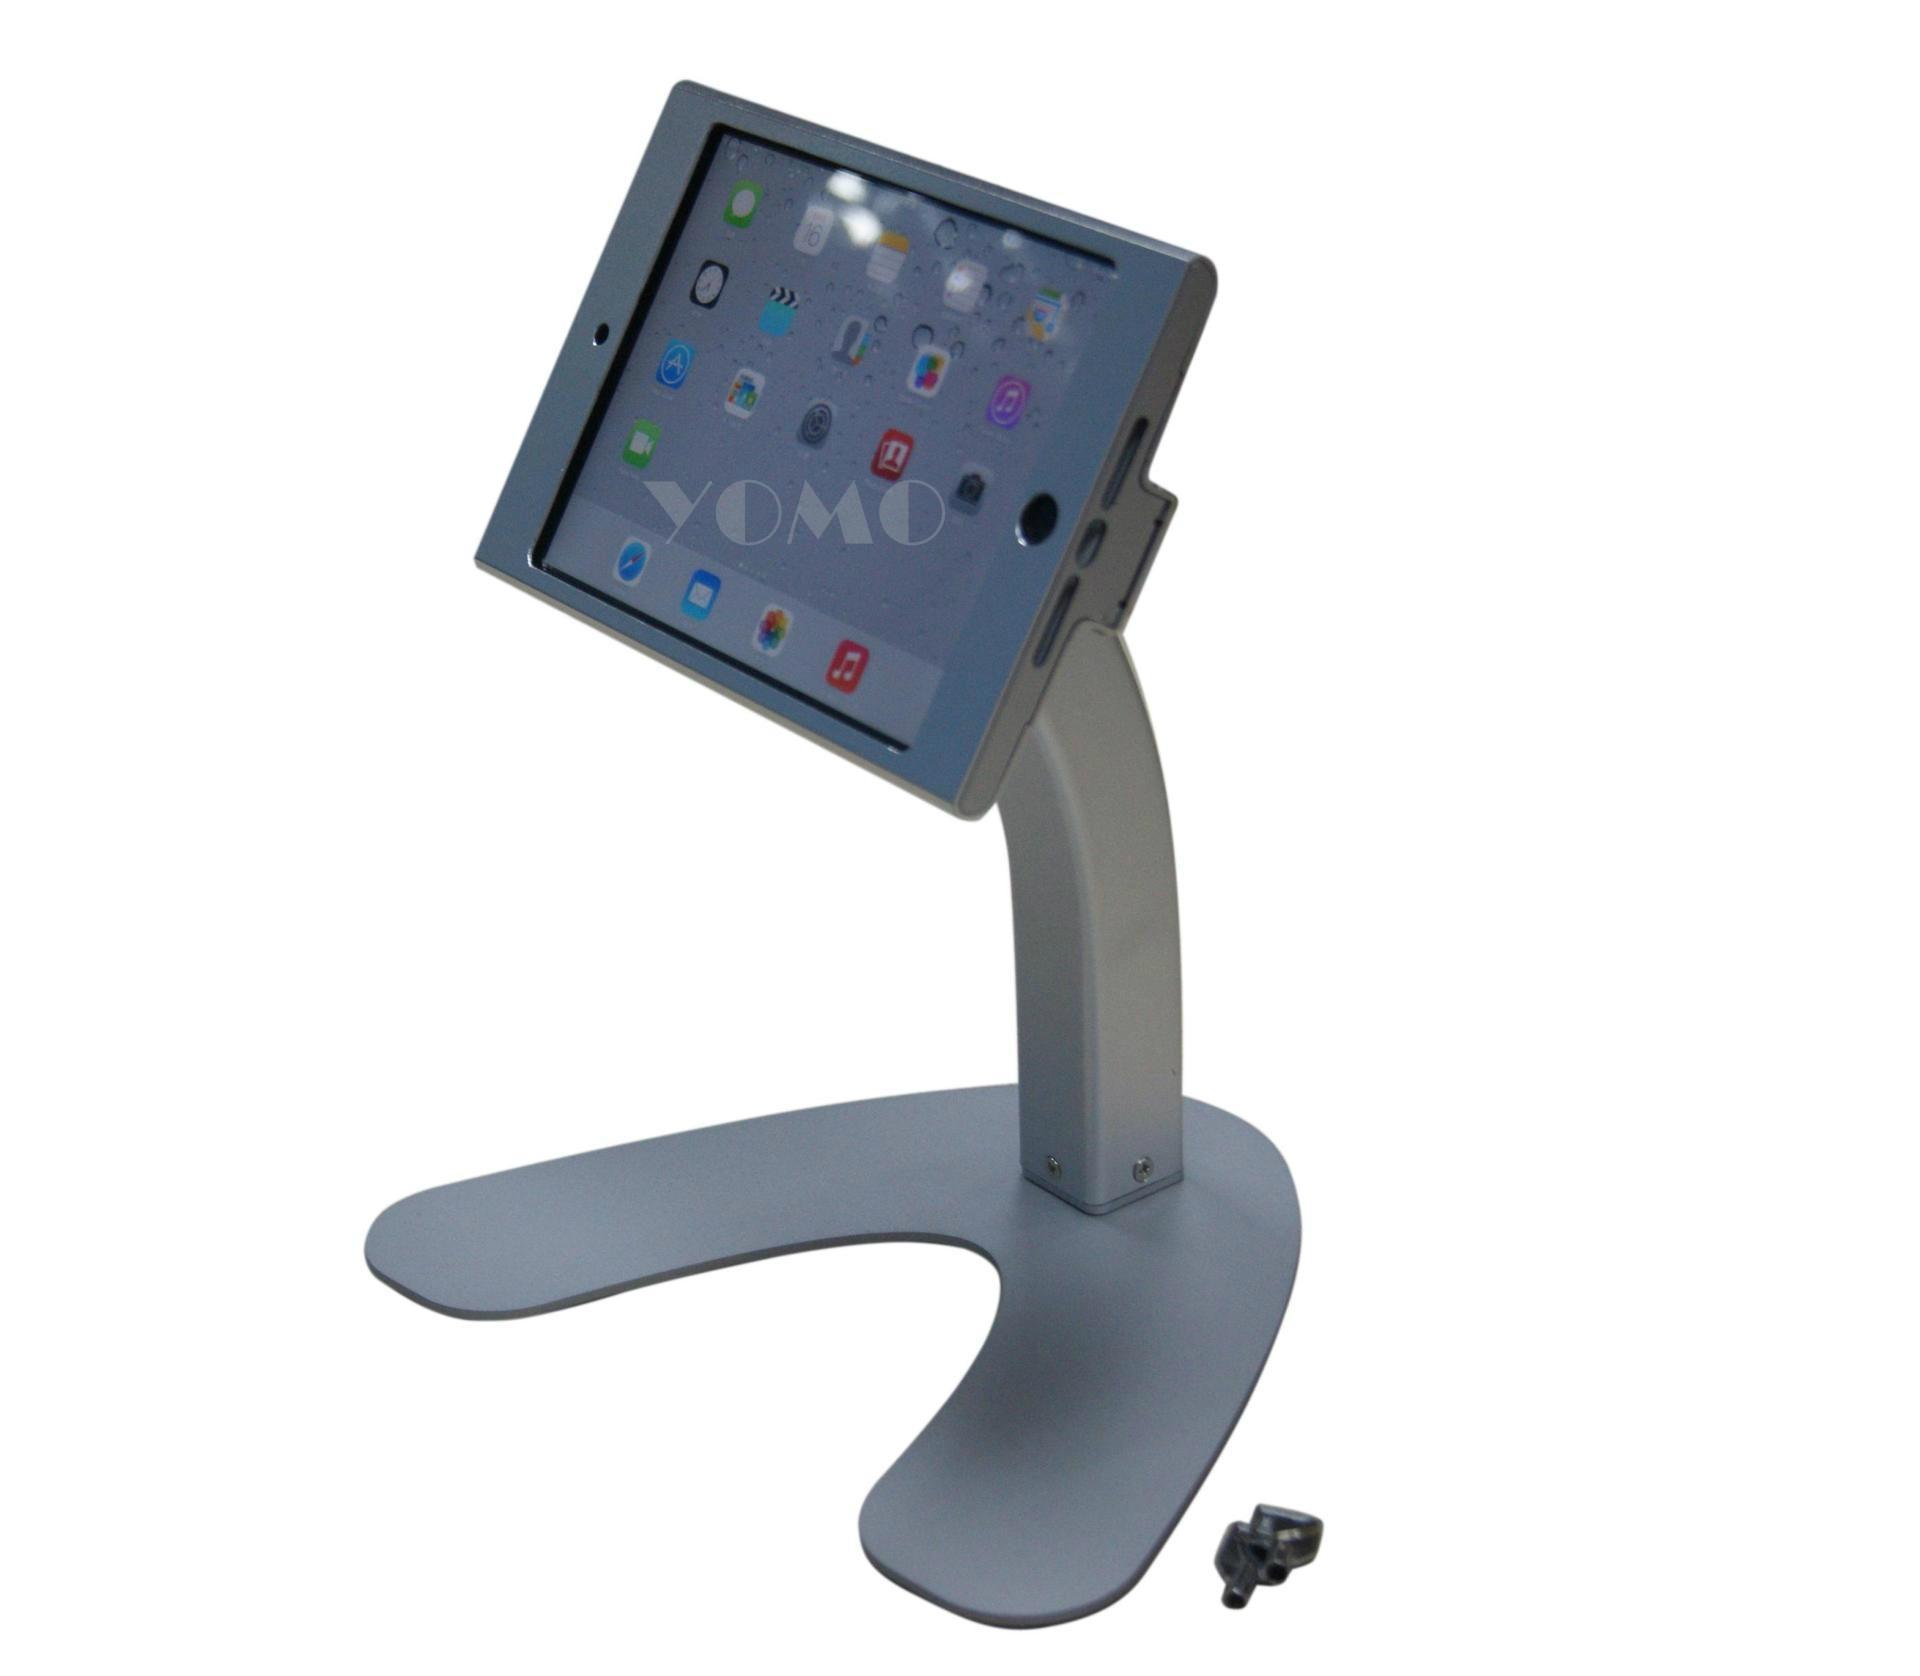 便携式苹果平板电脑桌面展示支架 带锁防盗支架 1